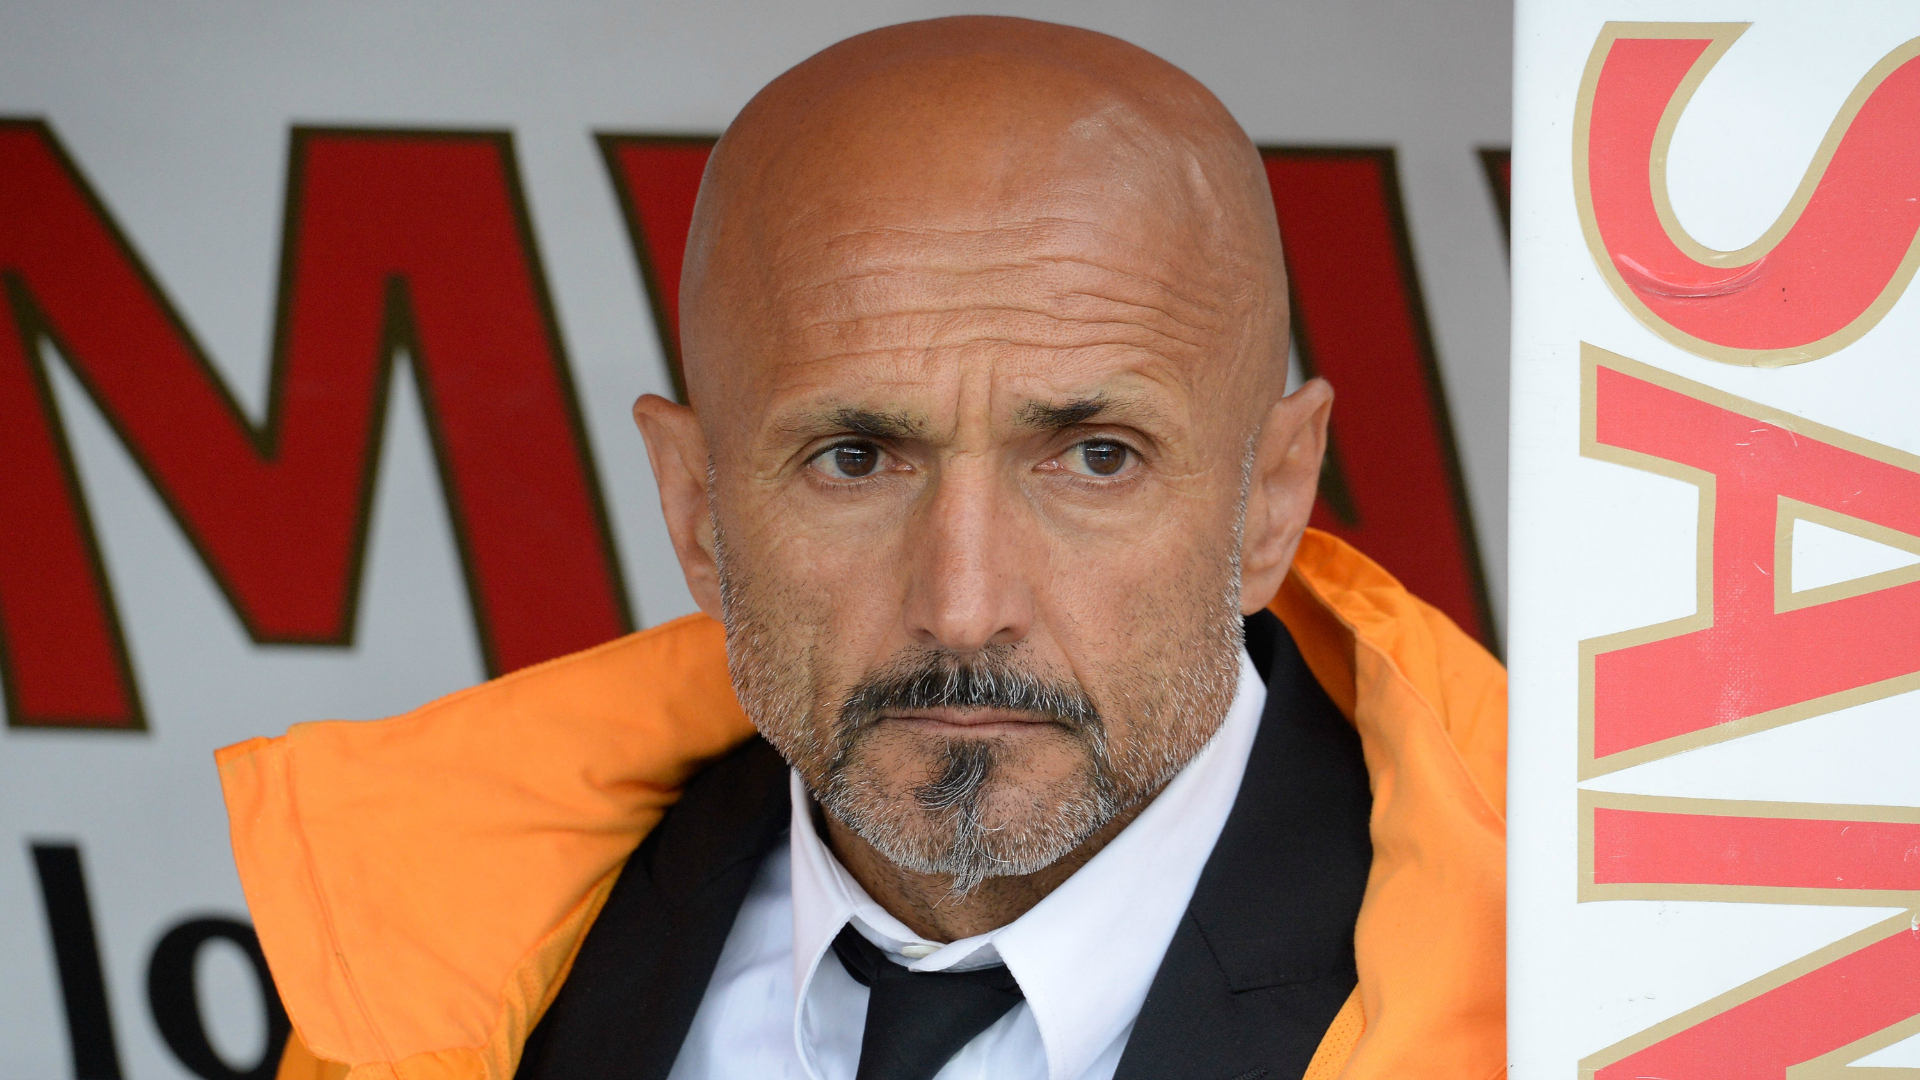 Anche LeasePlan, sponsor del Genoa, celebra Francesco Totti